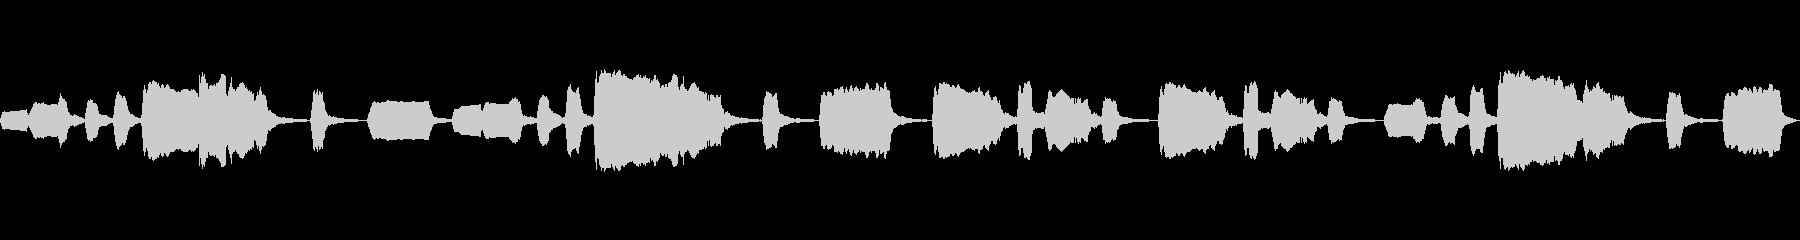 ドイツ民謡「池の雨」(リコーダー)の未再生の波形